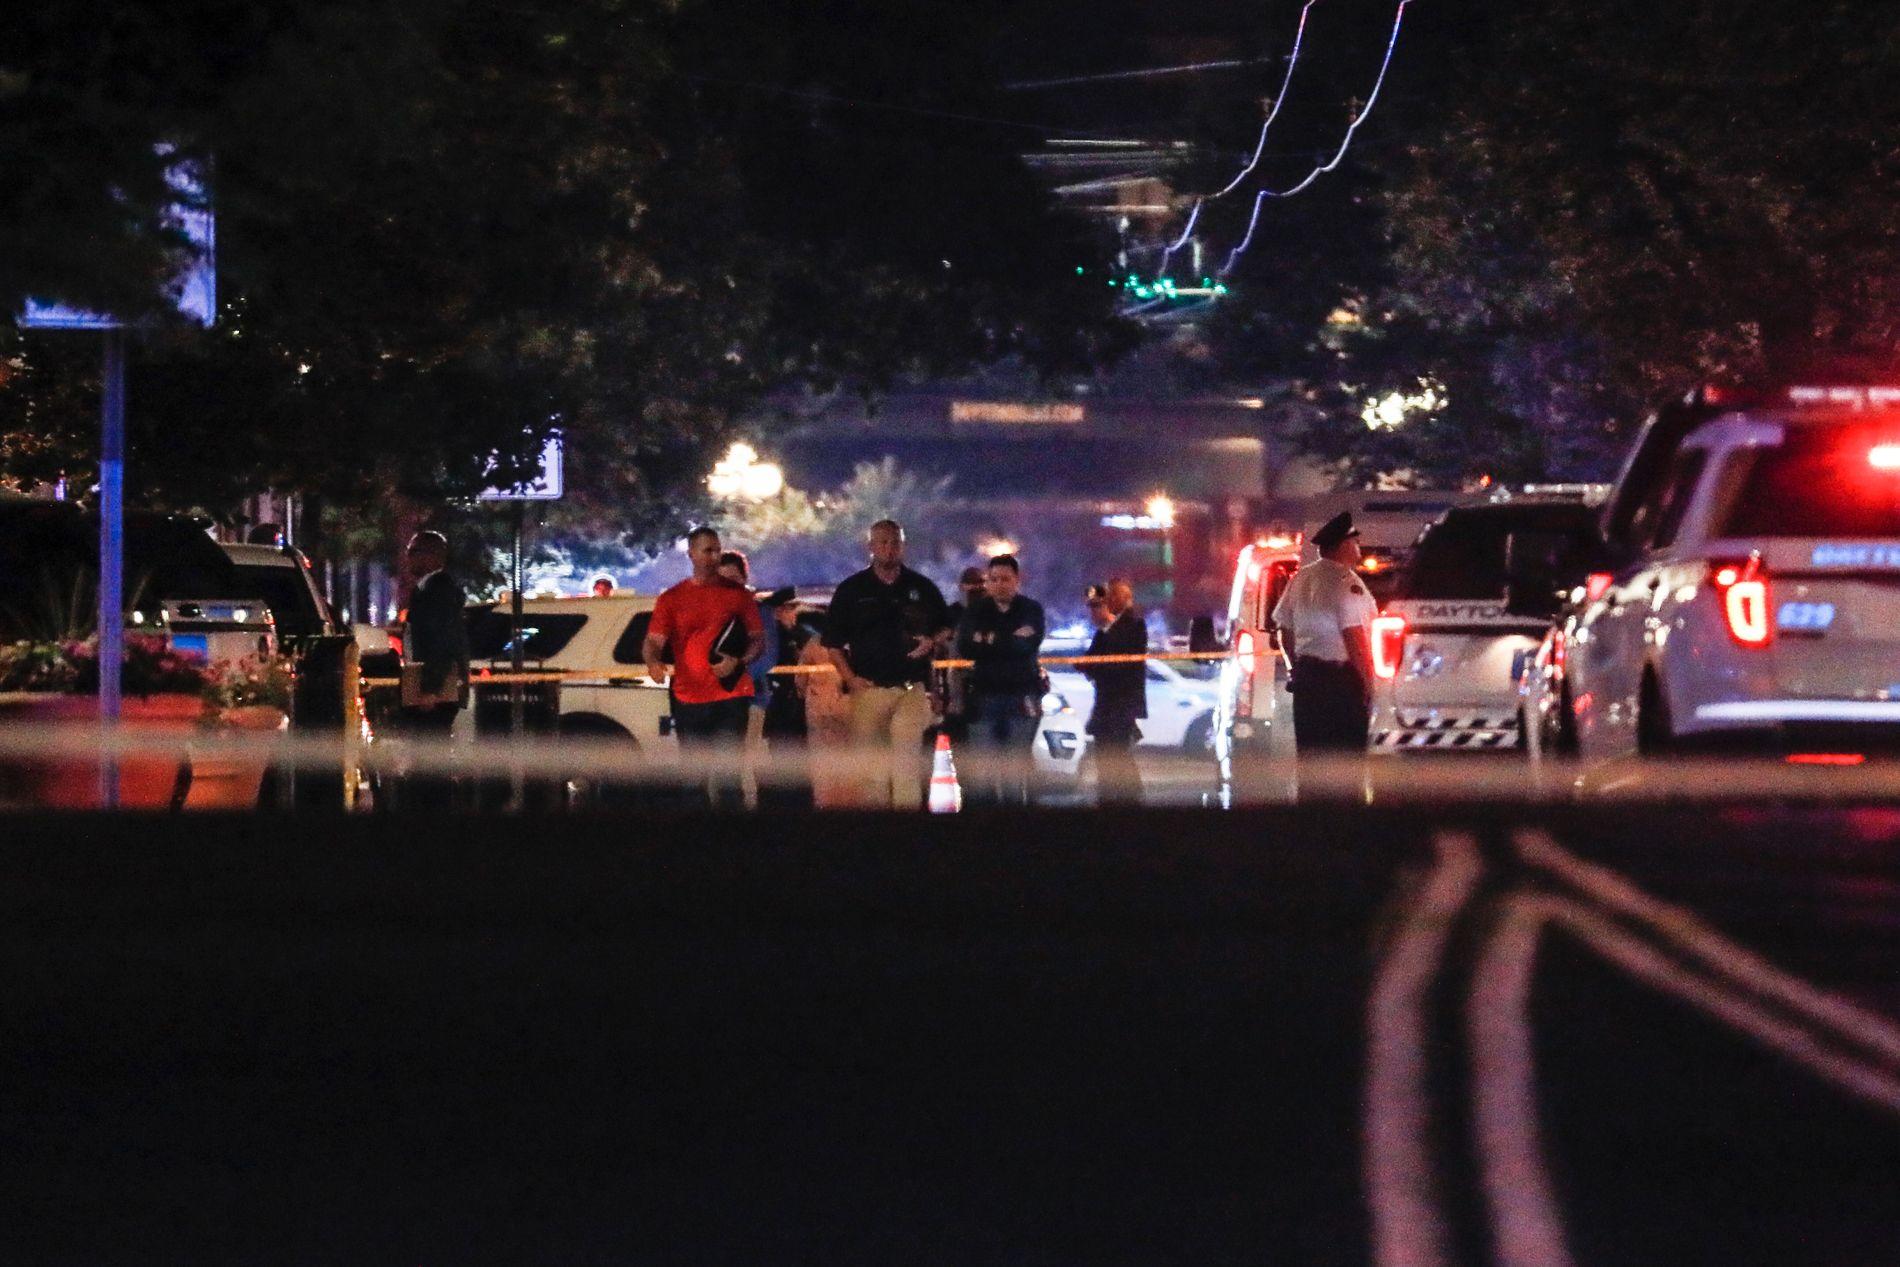 STOR UTRYKNING: Dette bildet er tatt ved åstedet i Dayton, Ohio. Et større område er sperret av.